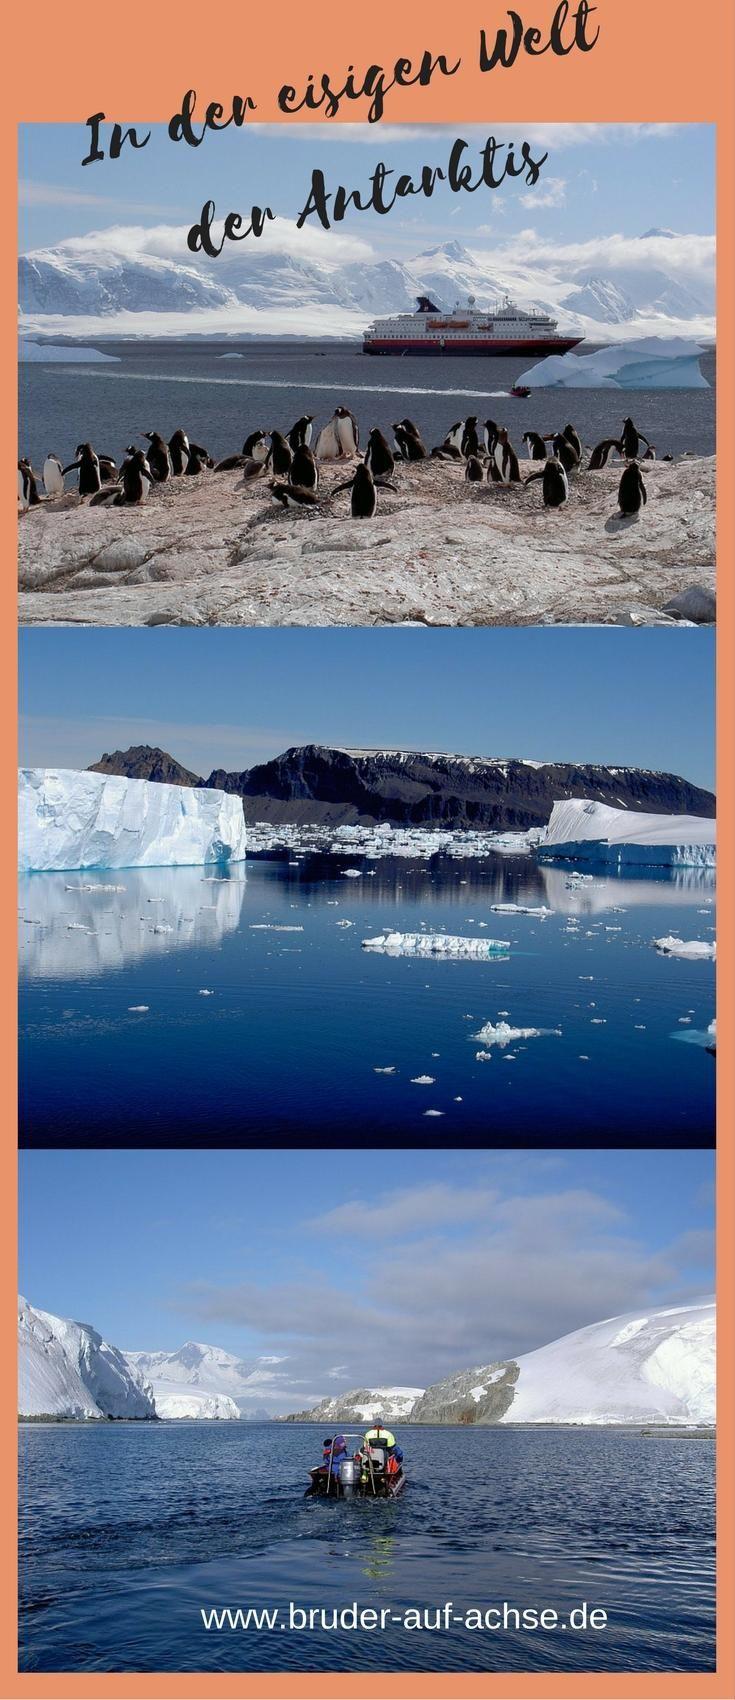 Tafelberge Aus Eis Und Millionen Pinguine Die Antarktis Ist Noch